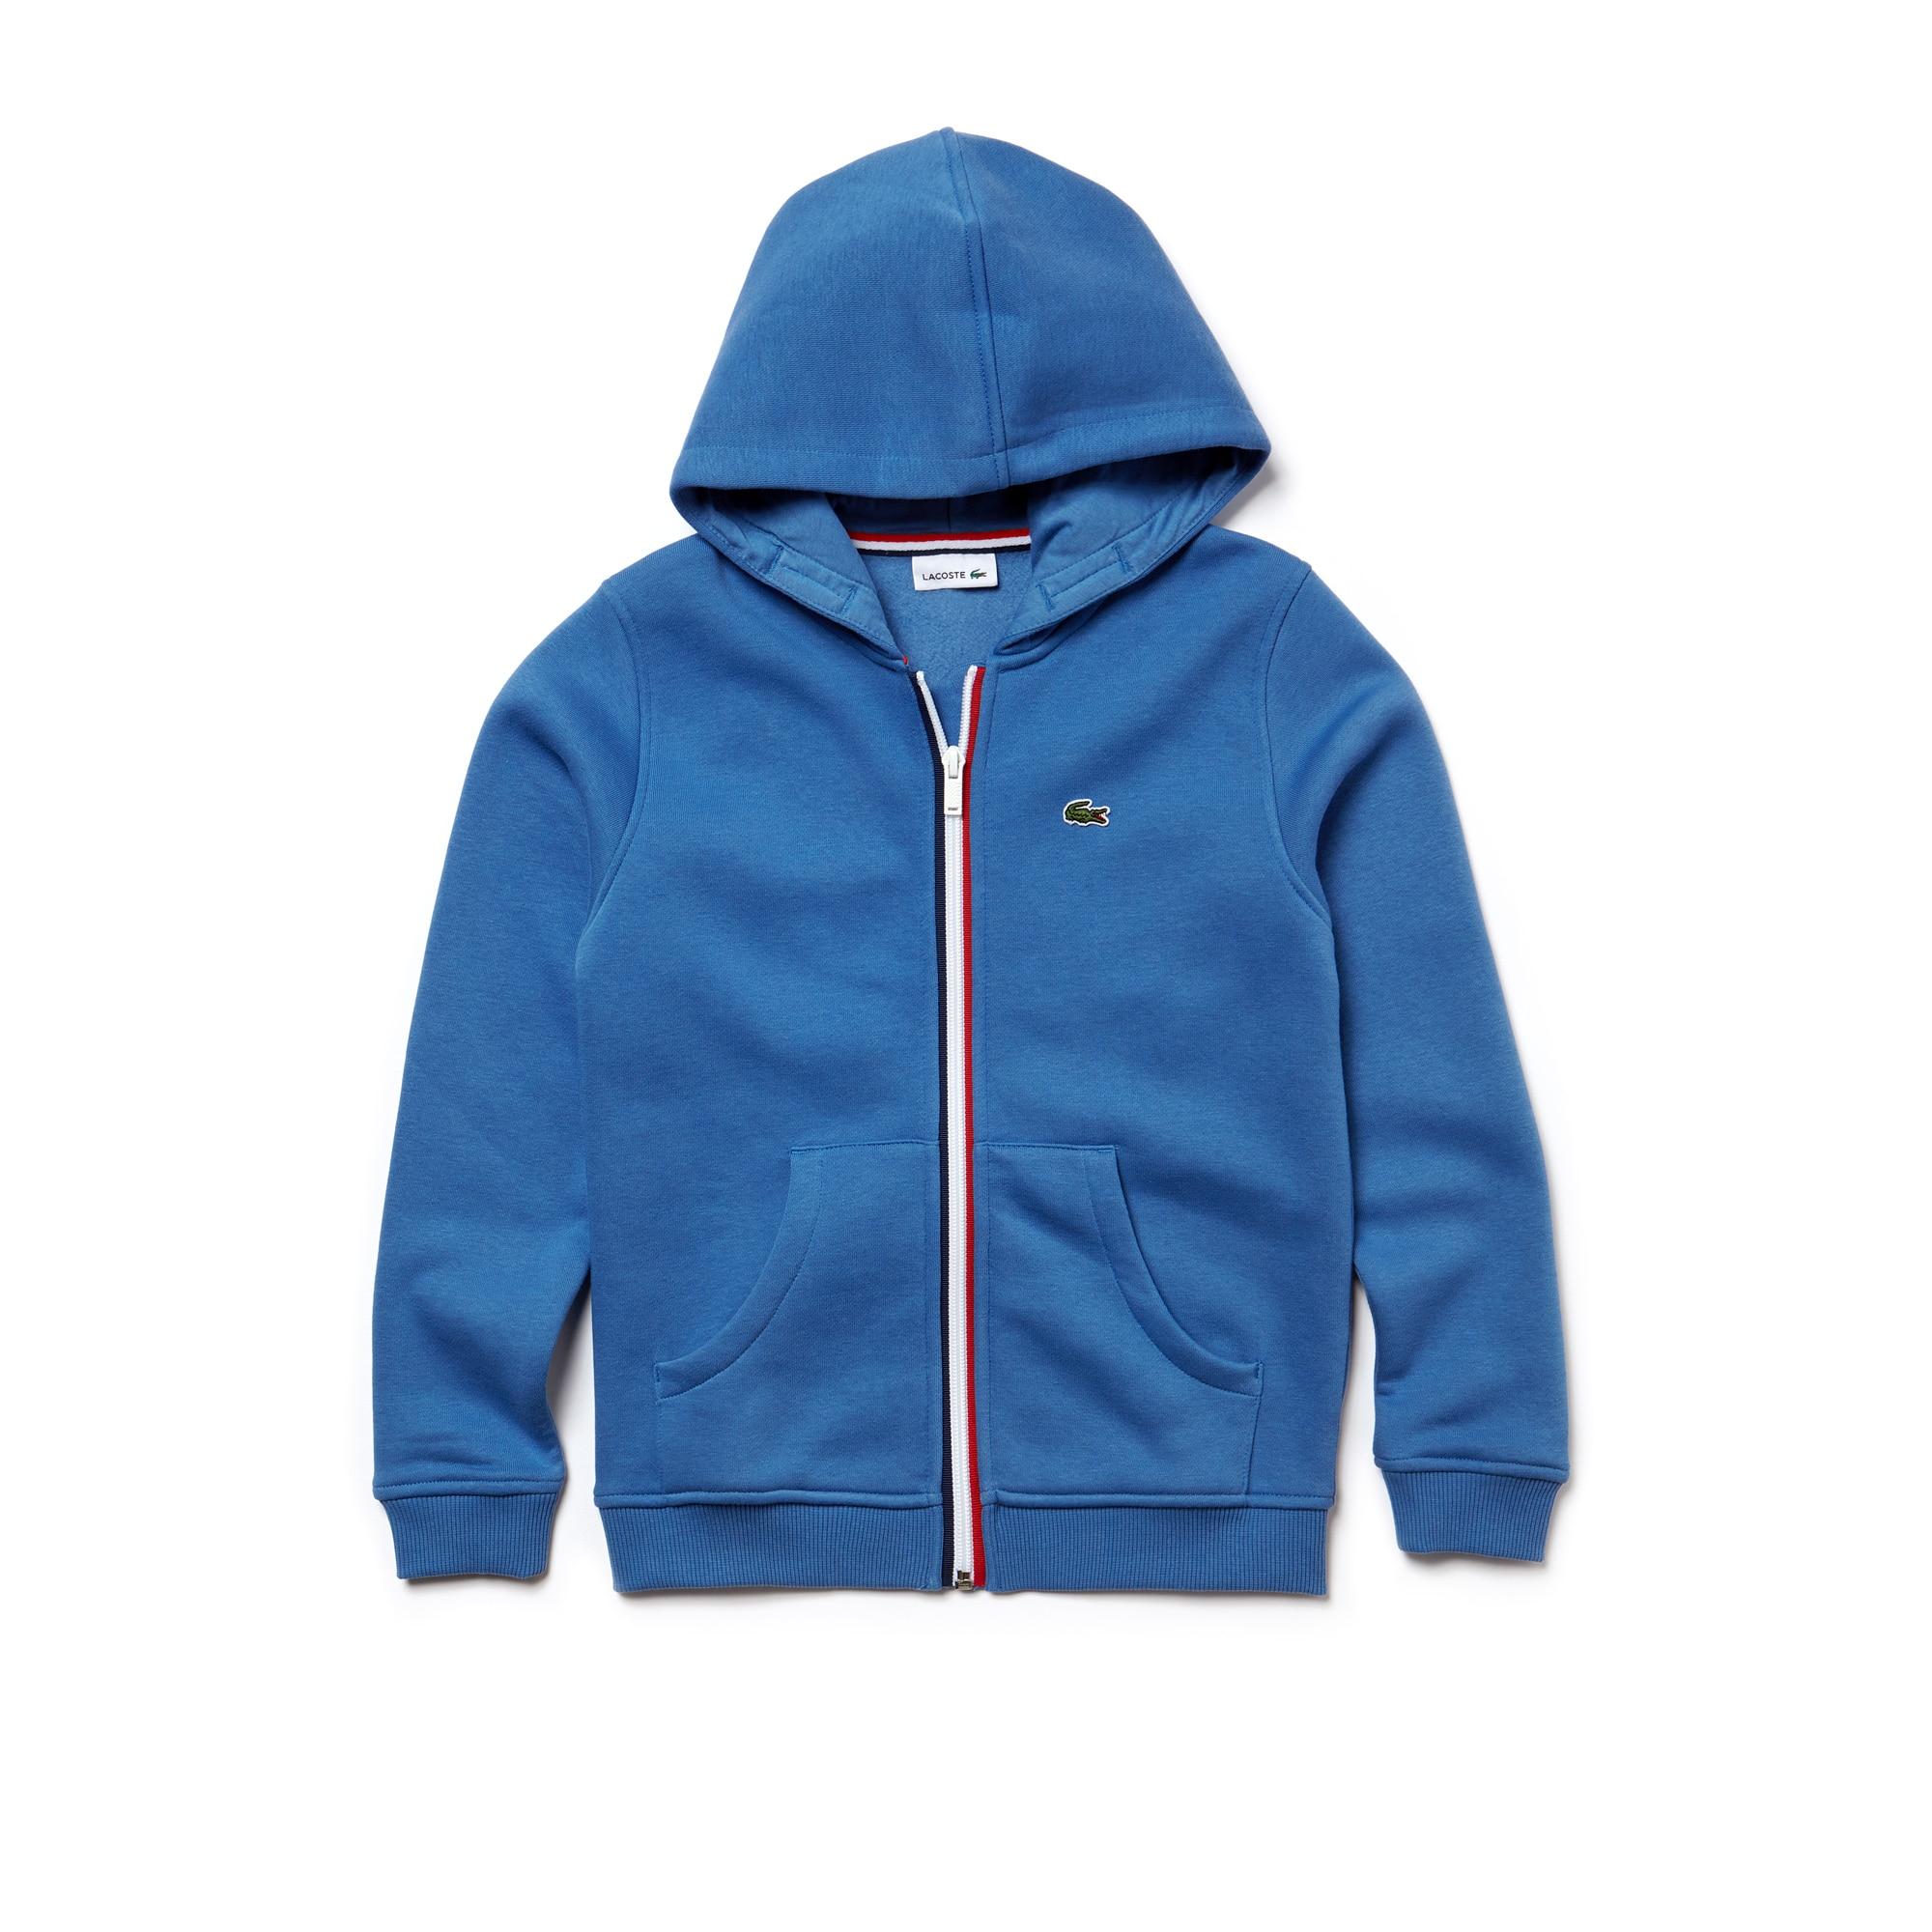 Sweatshirt Criança com fecho de correr e capuz em moletão